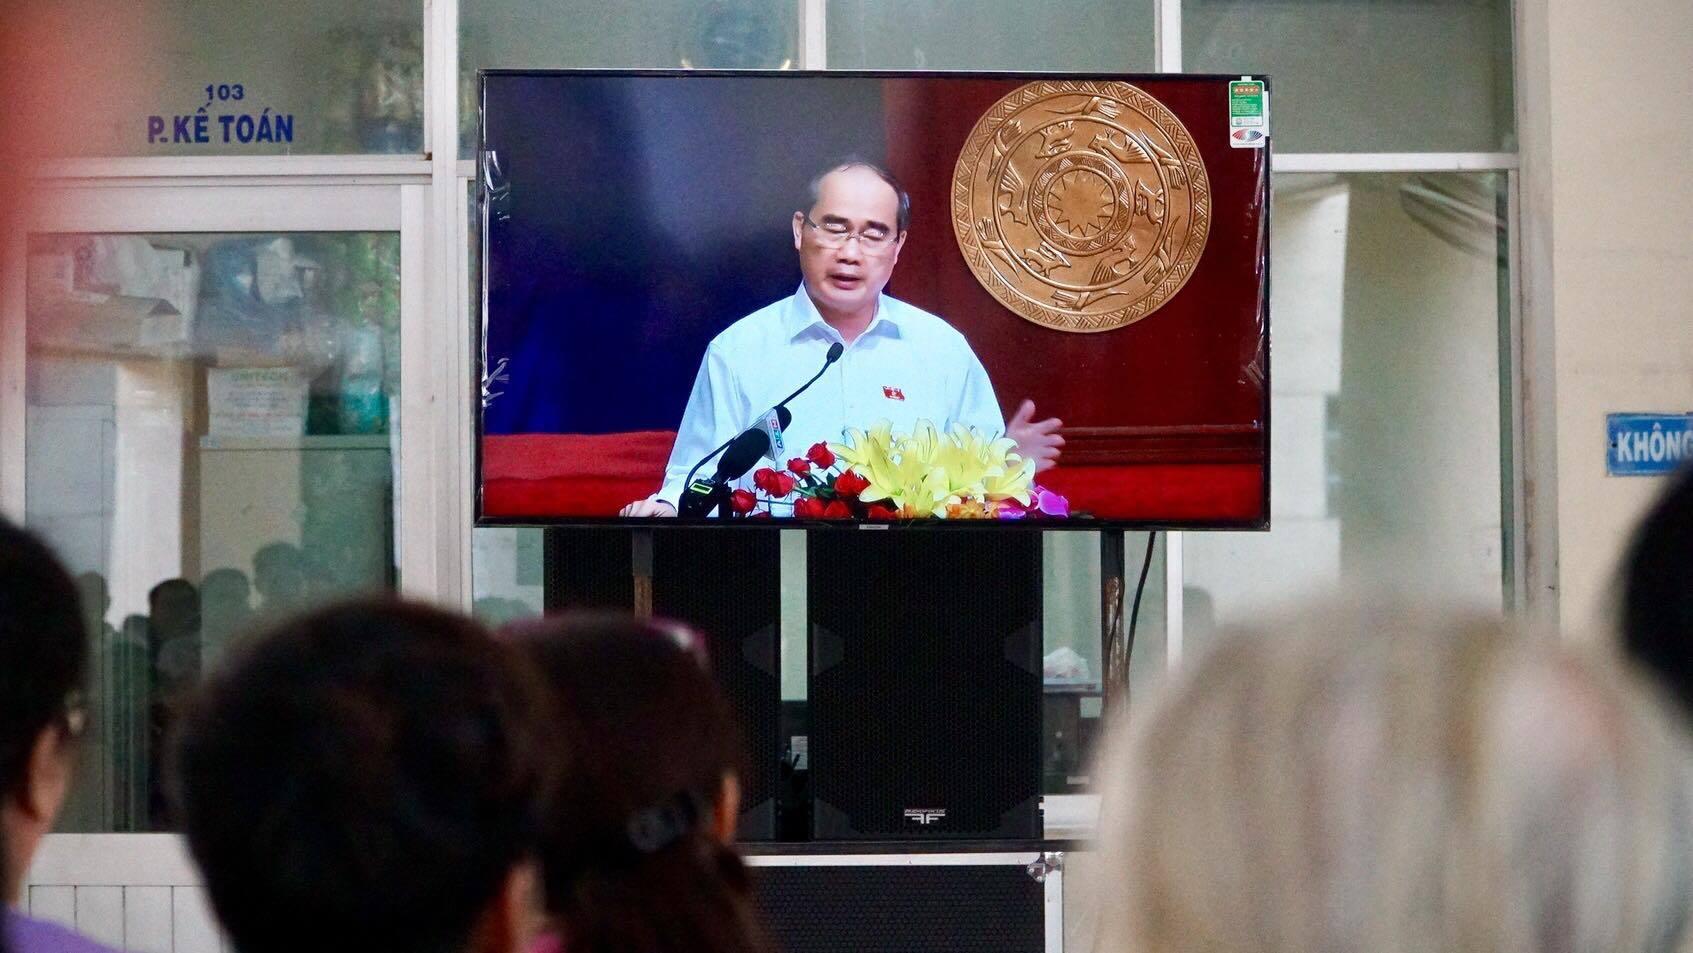 Bí thư Nguyễn Thiện Nhân: Tháng 11 xử lý cán bộ sai phạm ở Thủ Thiêm